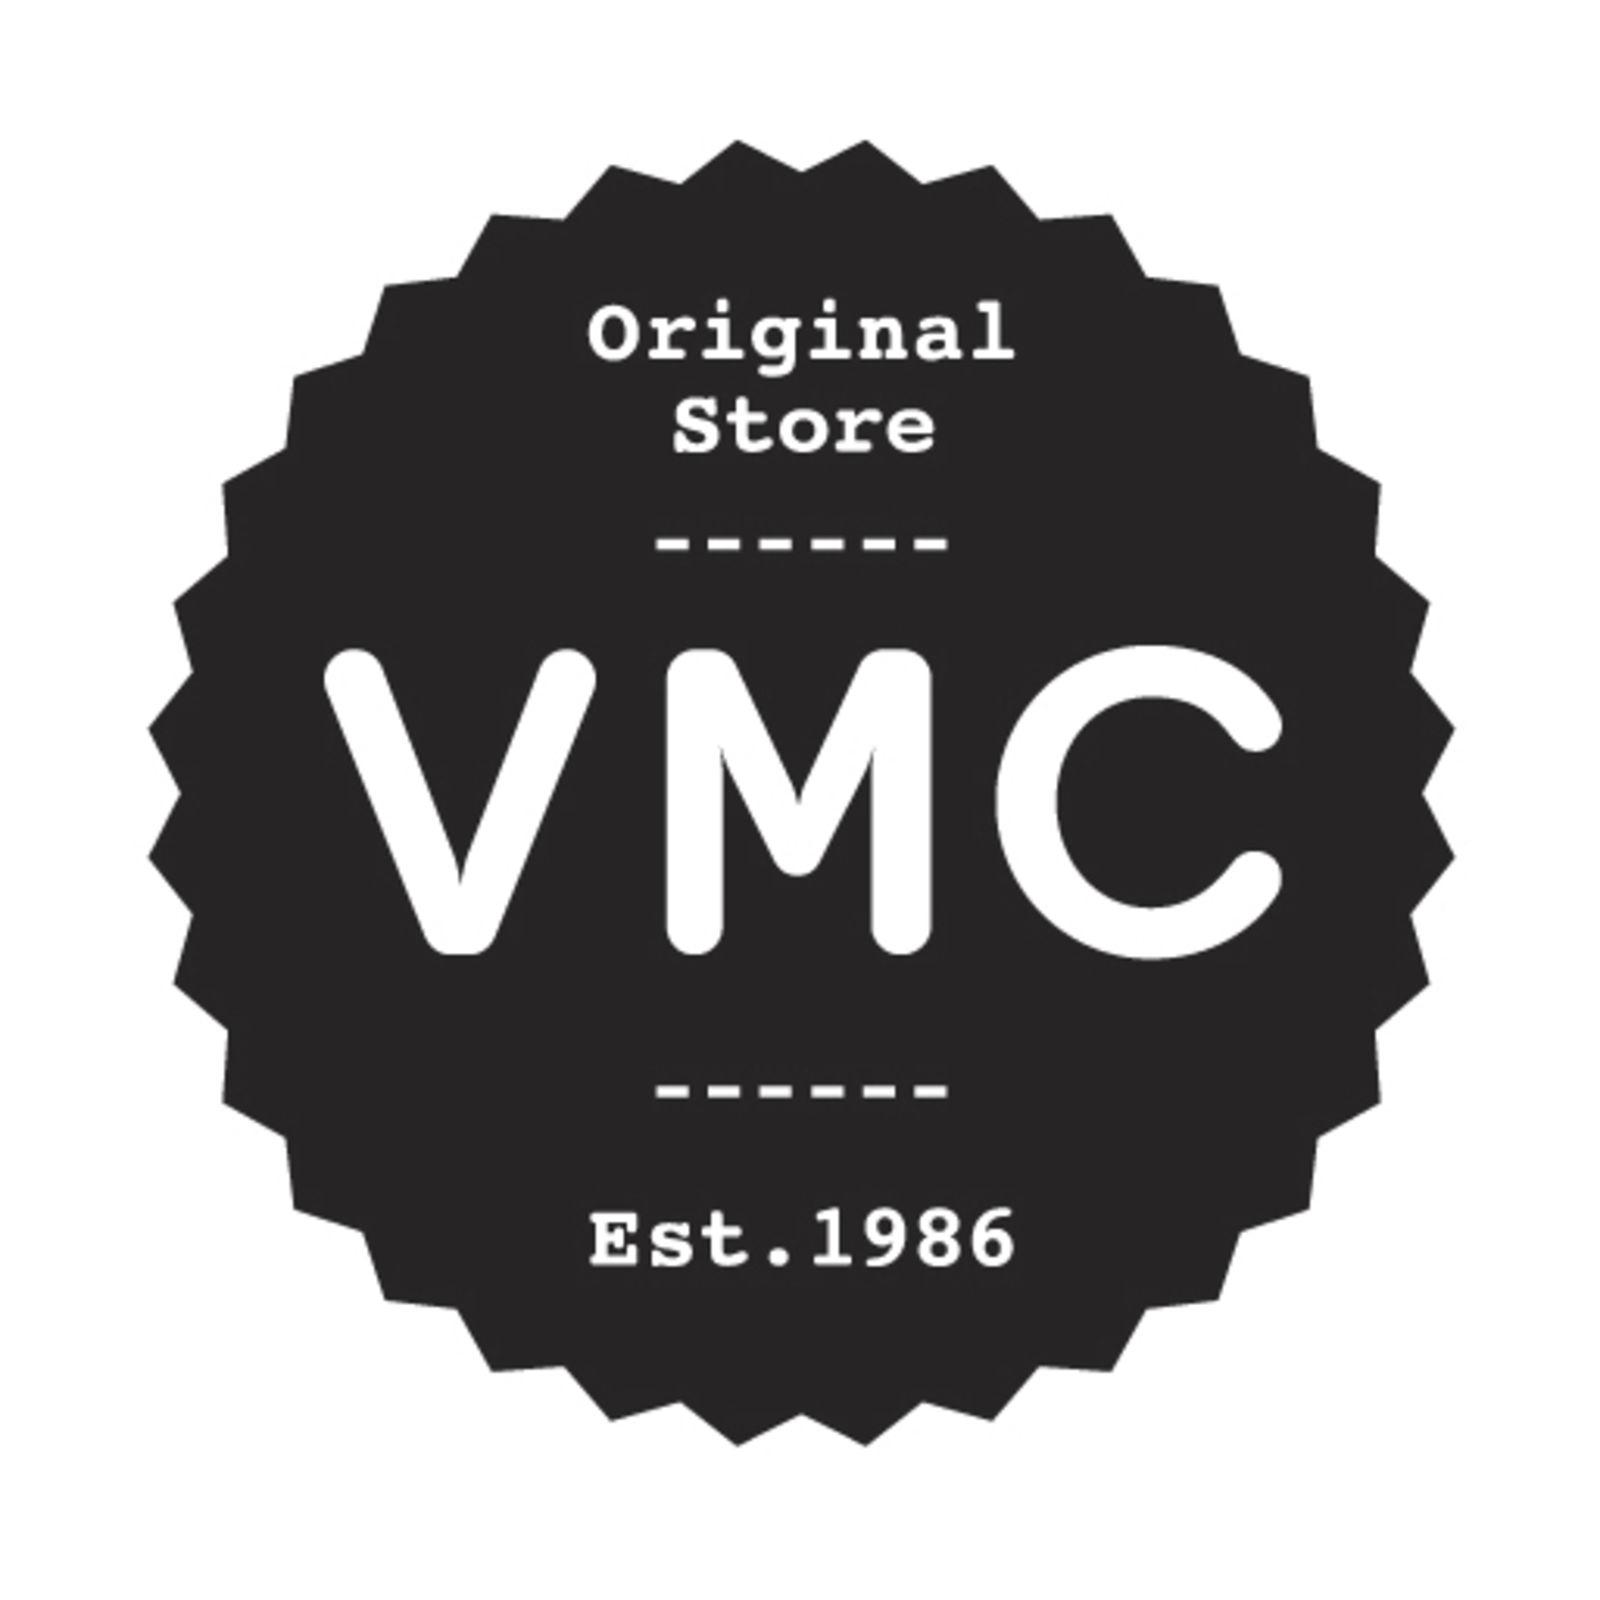 VMC in Zürich (Bild 1)